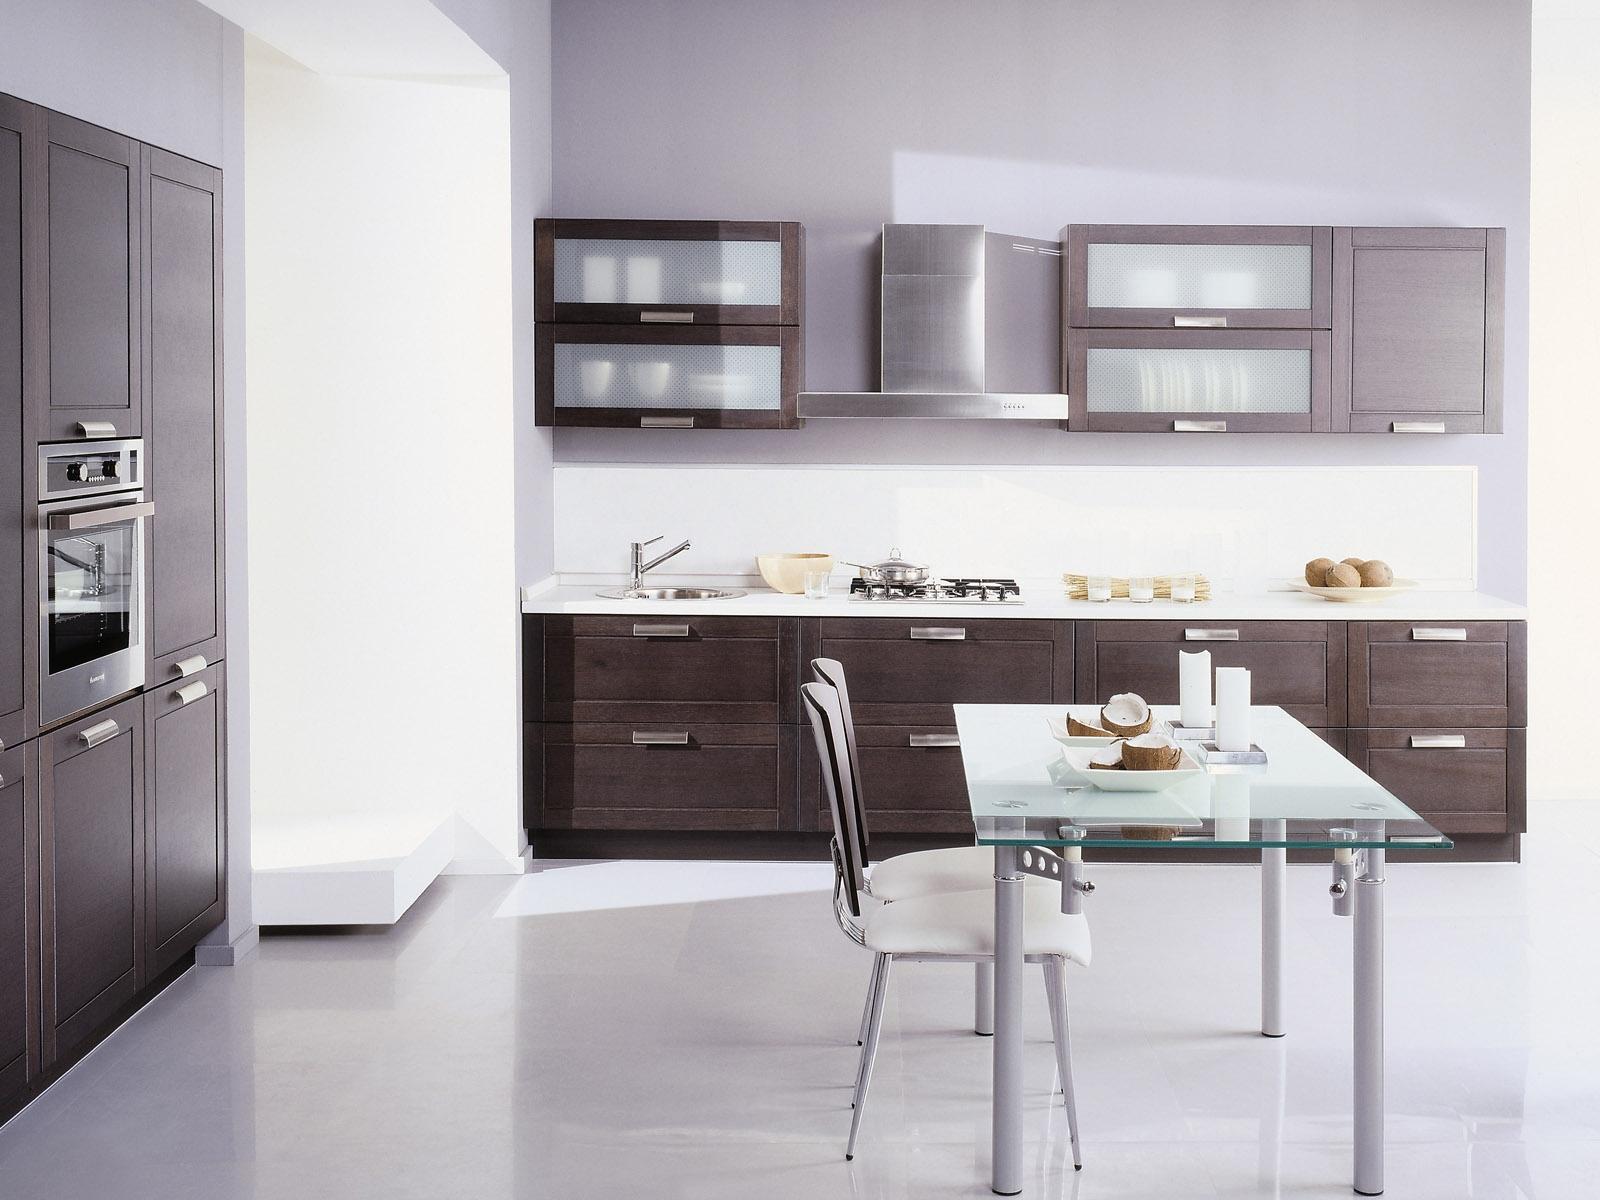 Особенности стиля современной кухонной мебели